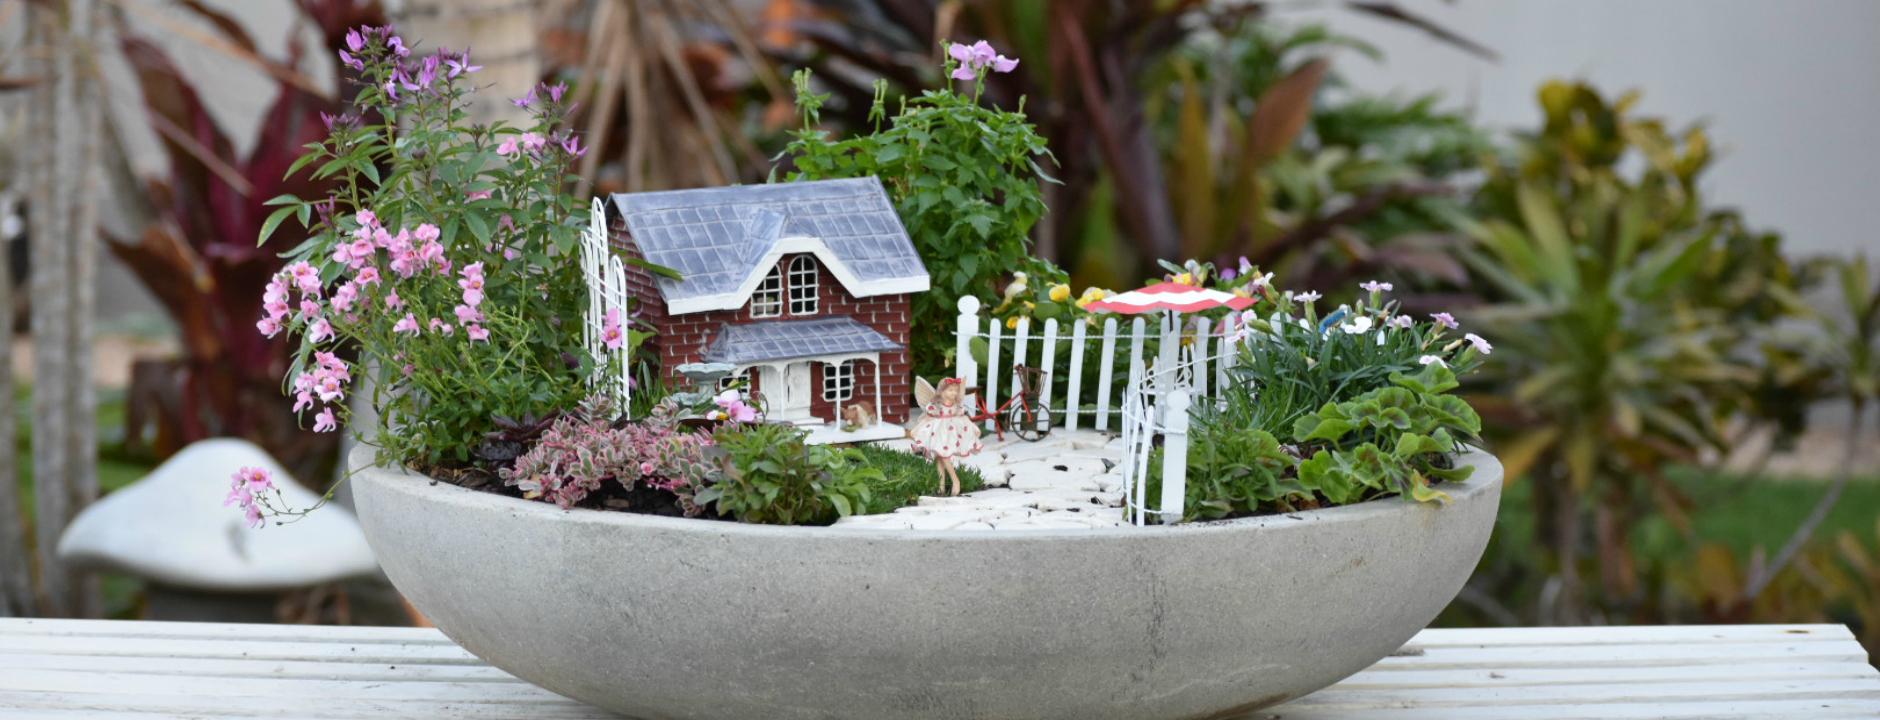 Fairy Gardening Australia Fairy Garden Kits Fairy